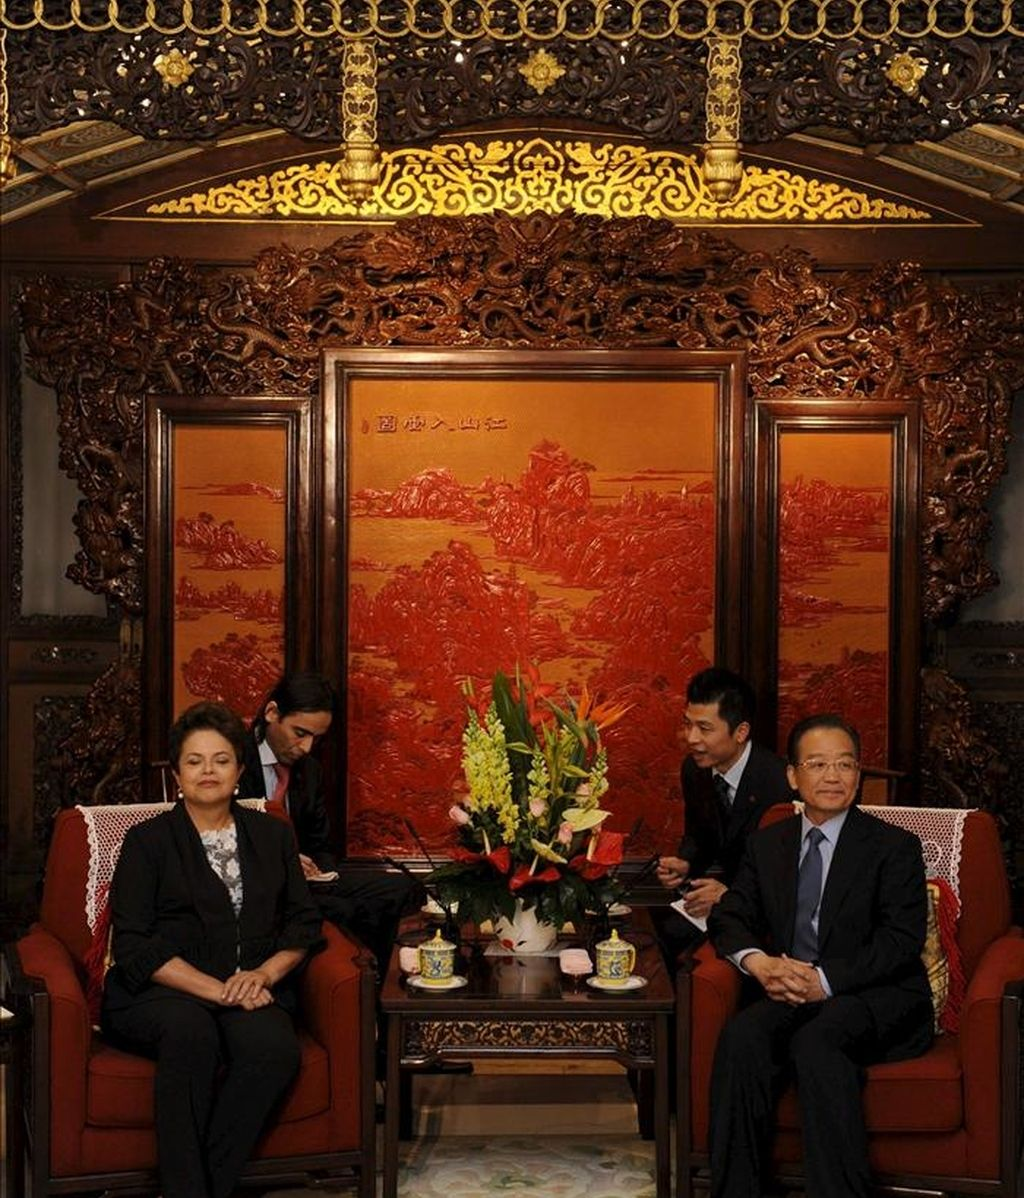 La presidenta brasileña, Dilma Rousseff (i), habla con el primer ministro chino Wen Jiabao (d) hoy durante su reunión en Pekín, China. Rousseff realiza una visita oficial de seis días de duración al país. EFE